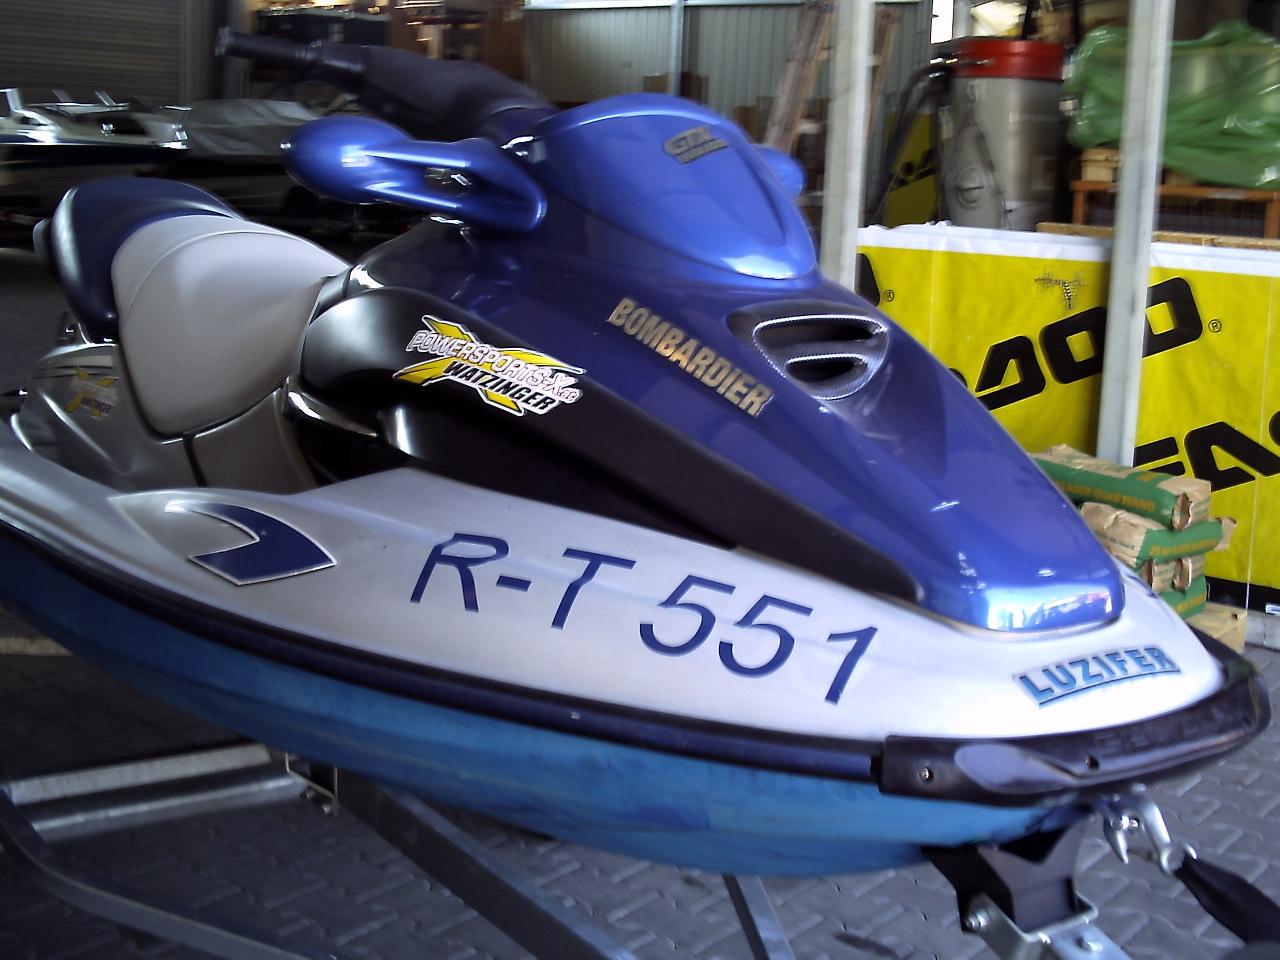 Jetboot GTX DI, Bj 2011, 88 Betriebsstunden